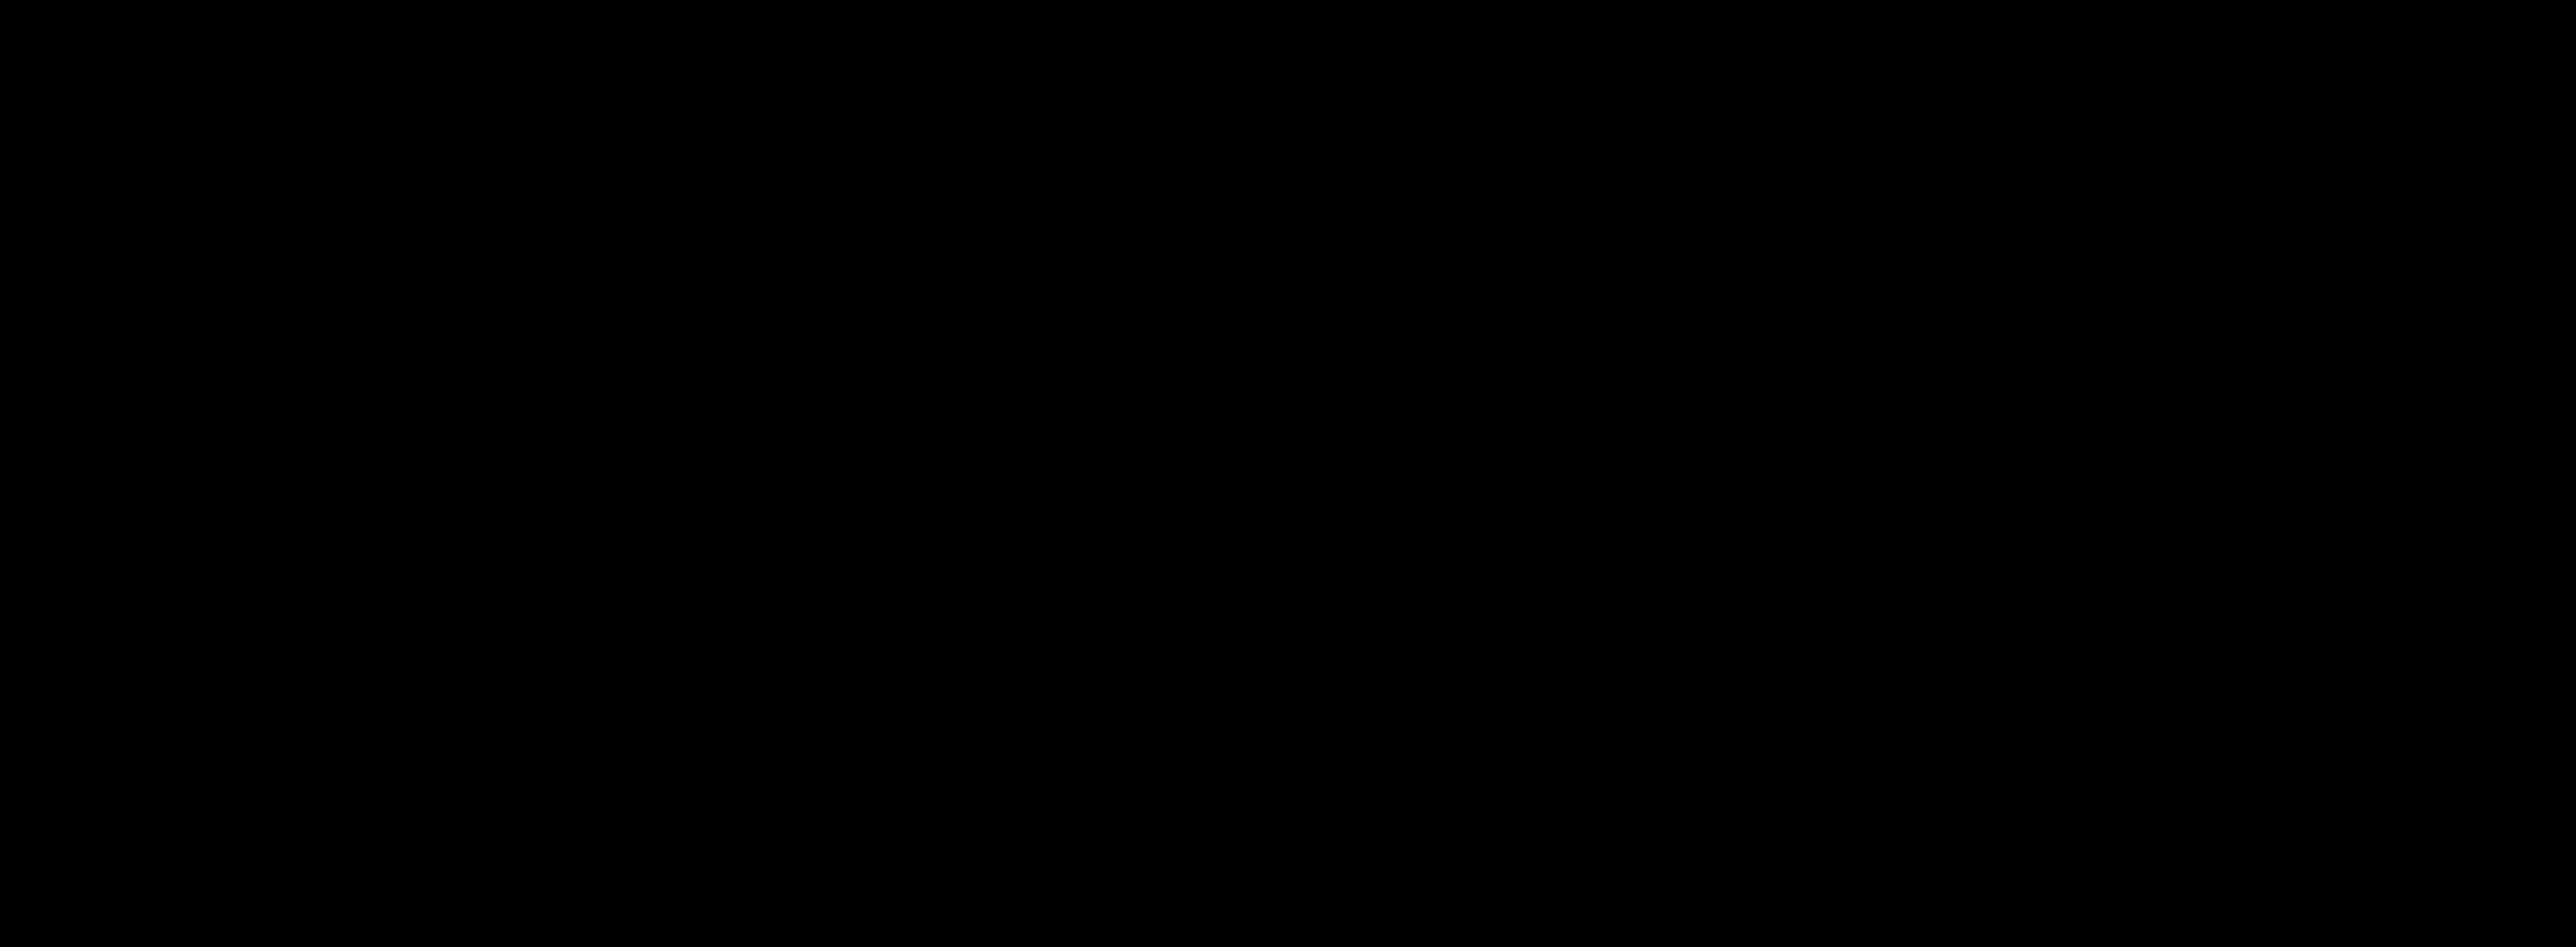 「パッヘルベルのカノン」楽譜